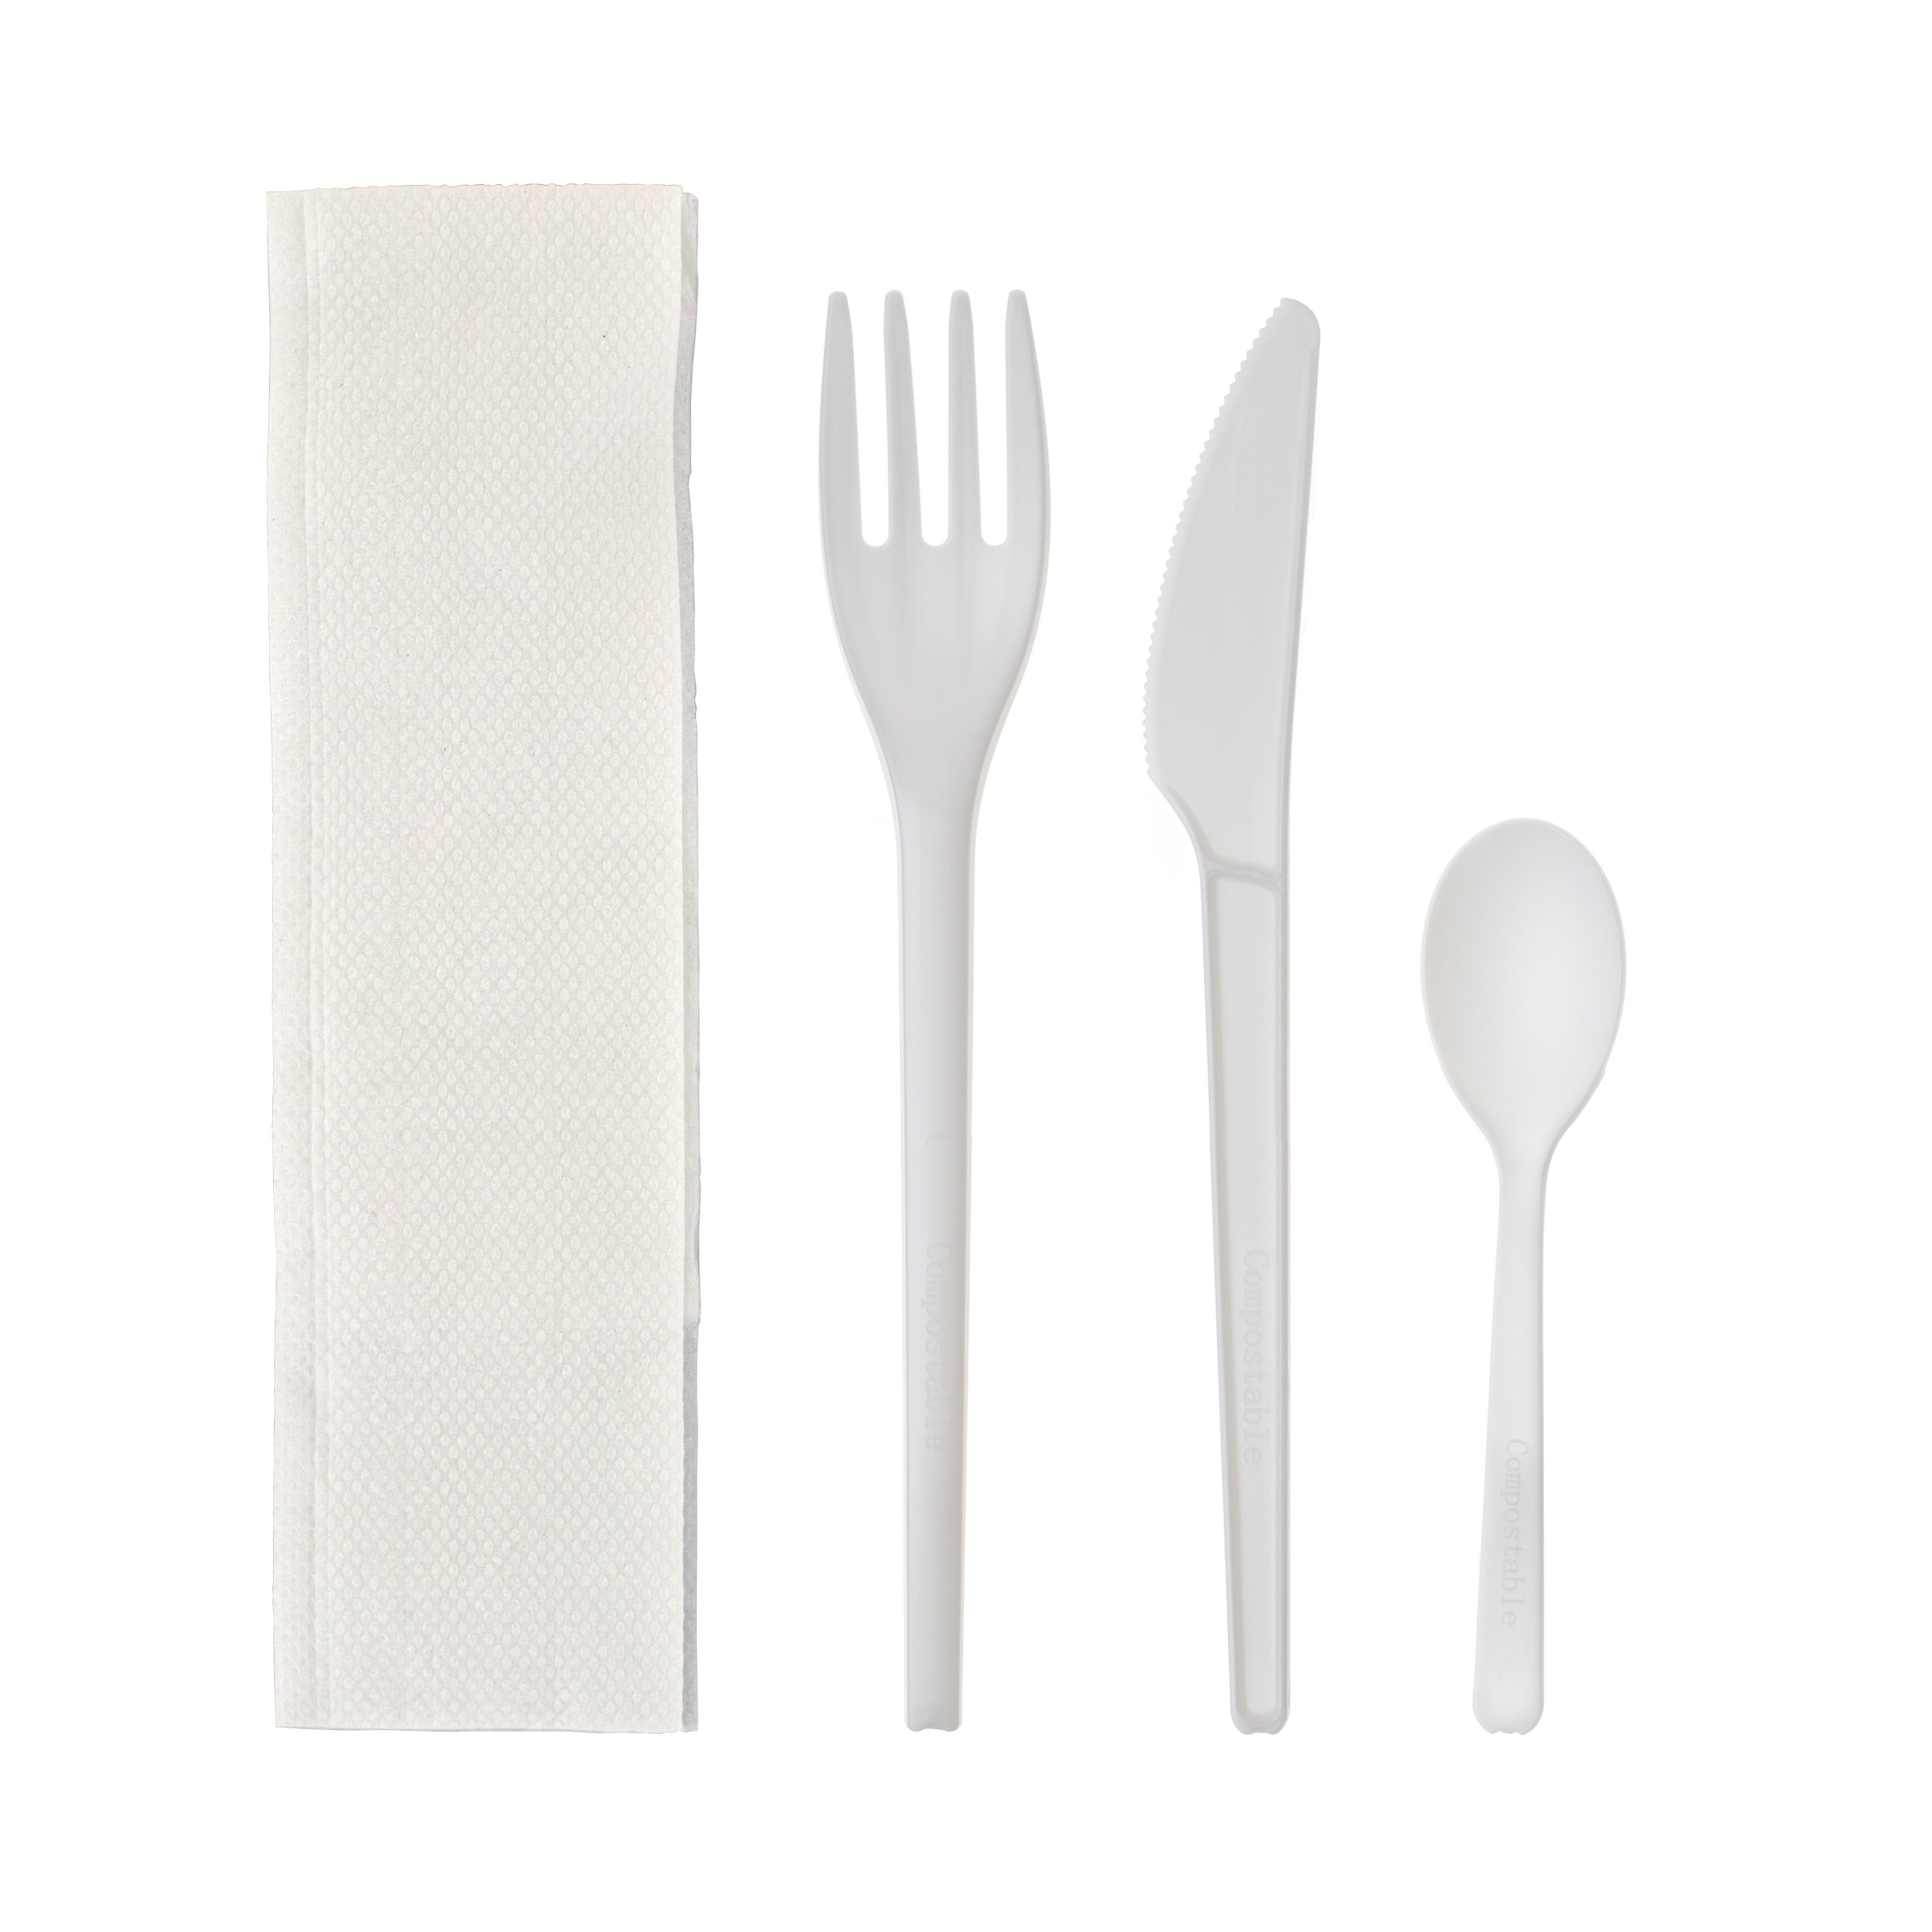 Kit couvert CPLA couteau, fourchette, cuillère à dessert blancs